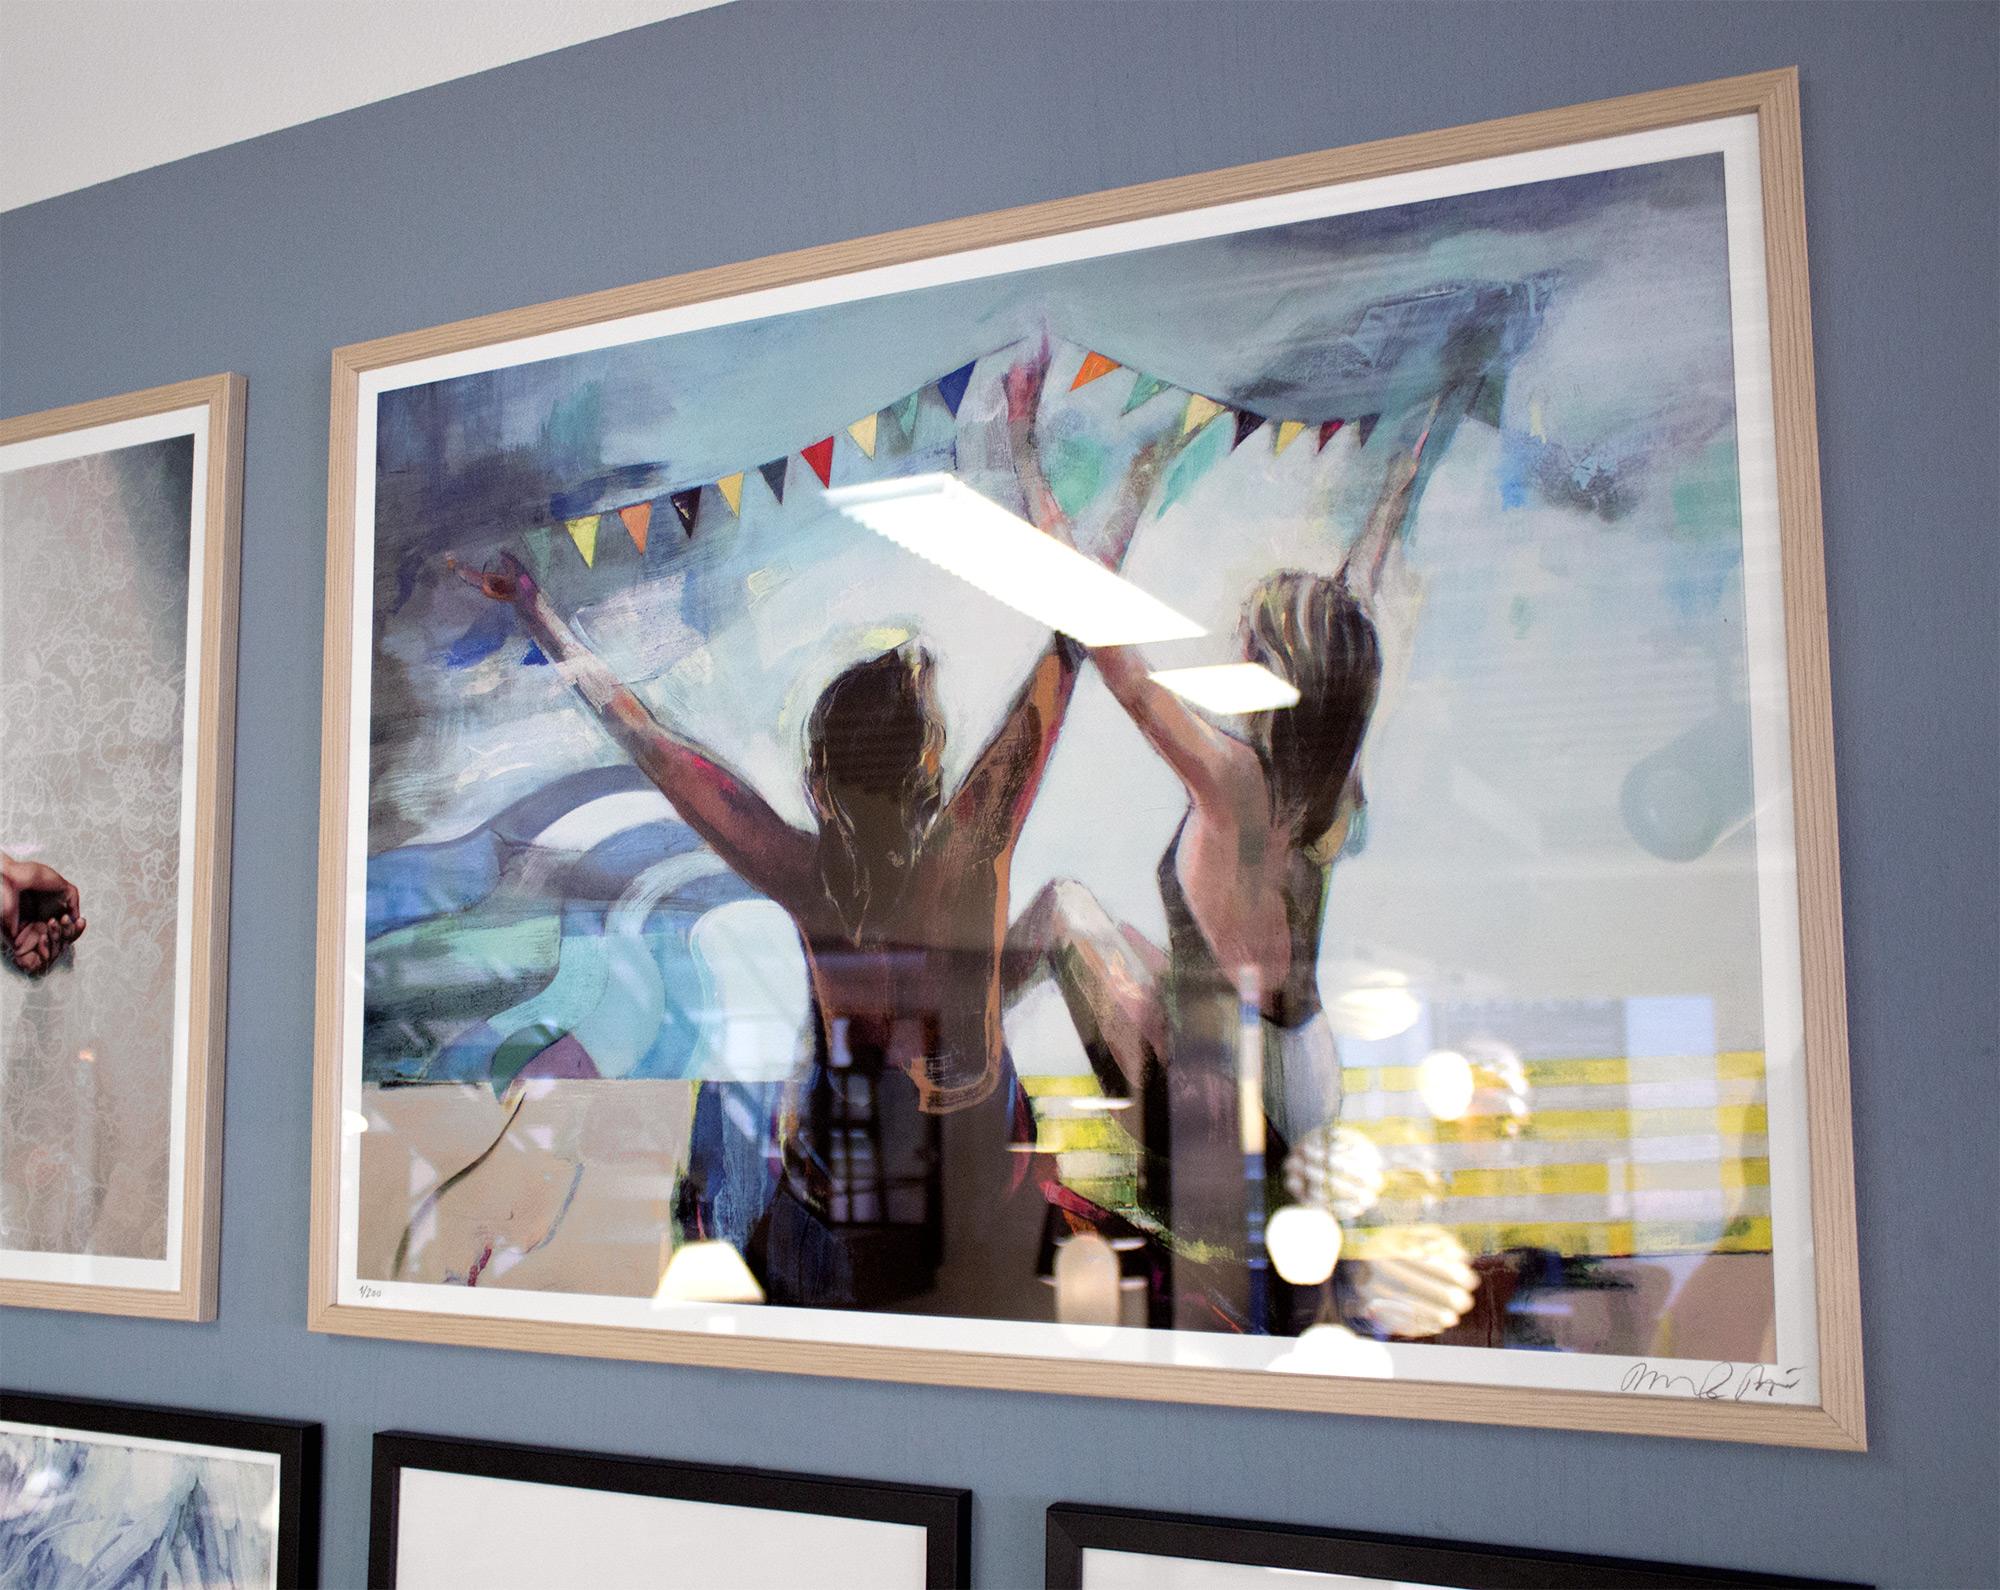 plakater-posters-kunsttryk, giclee-tryk, farverige, geometriske, grafiske, pop, portræt, kroppe, bevægelse, havet, mennesker, blå, turkise, gule, blæk, papir, strand, samtidskunst, dansk, design, kvindelig, interiør, bolig-indretning, moderne, moderne-kunst, pop-art, plakater, kvinder, Køb original kunst og kunstplakater. Malerier, tegninger, limited edition kunsttryk & plakater af dygtige kunstnere.